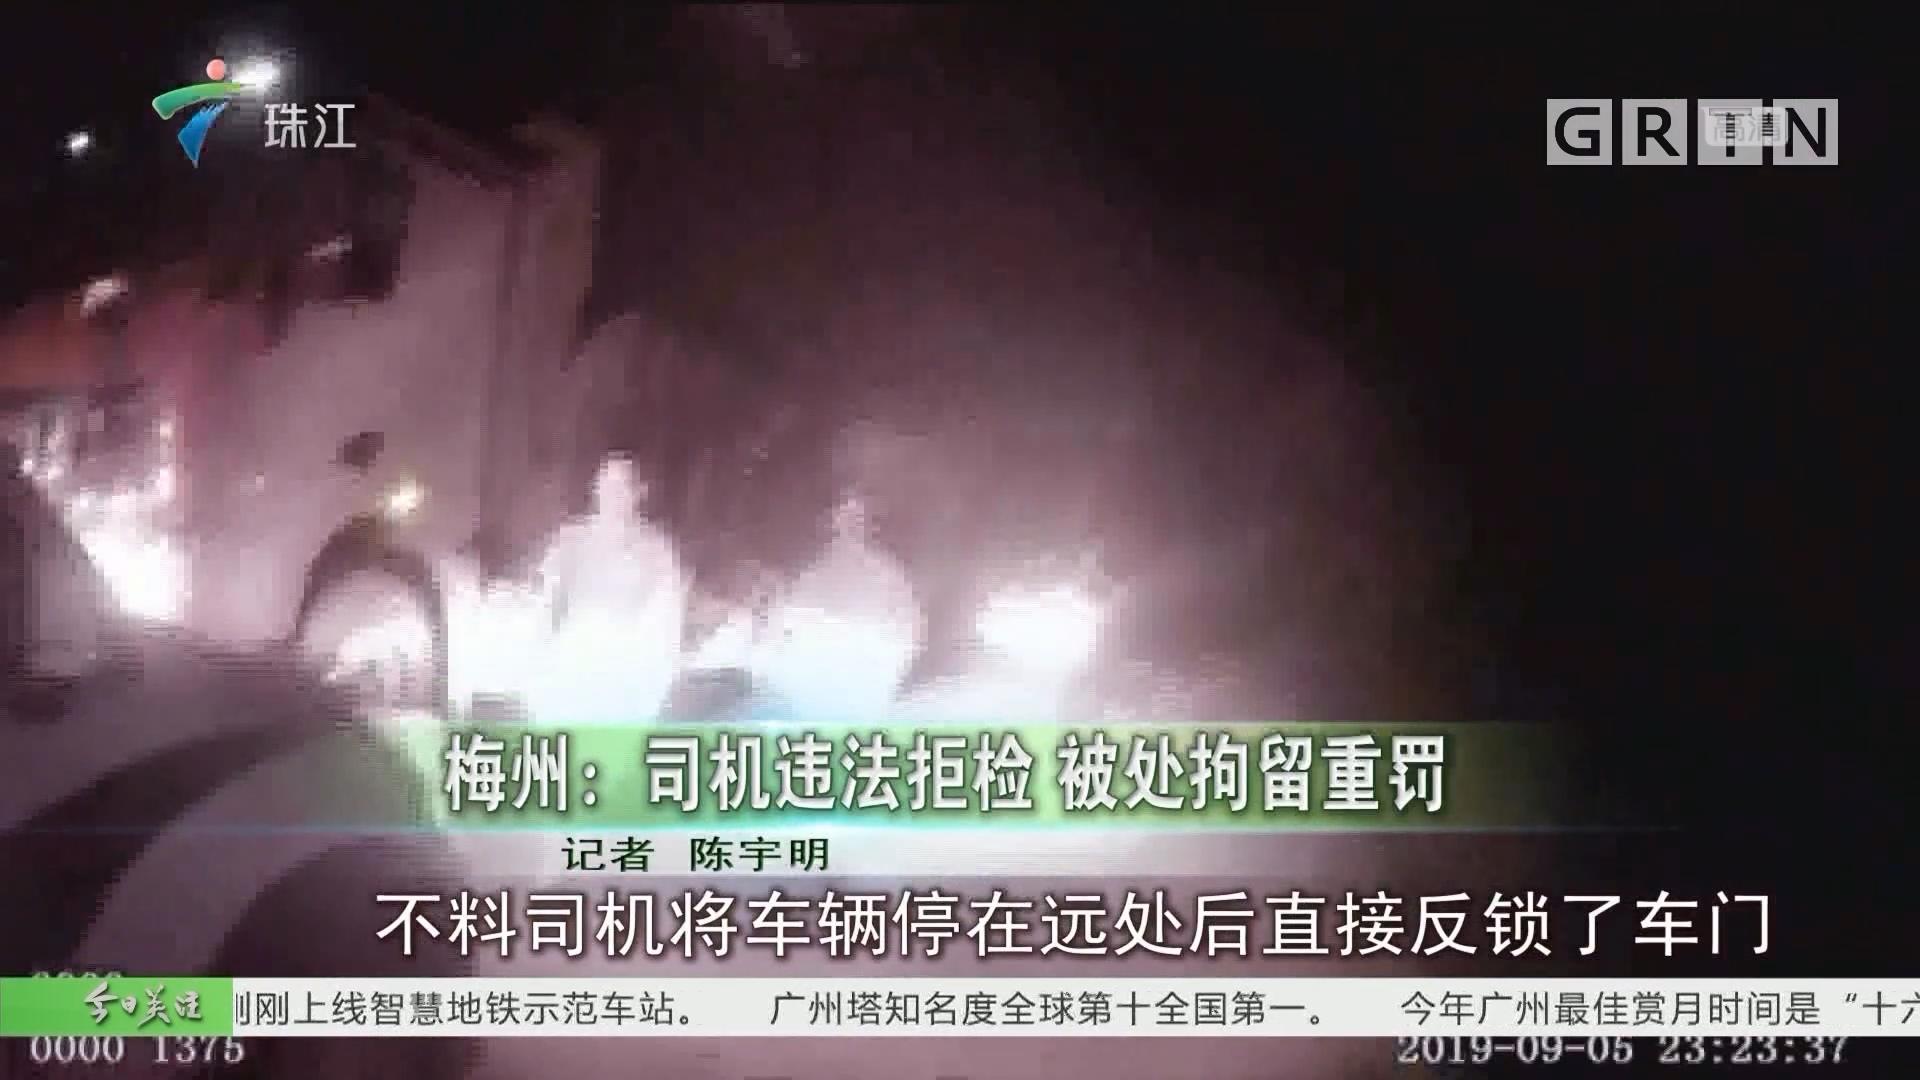 梅州:司机违法拒检 被处拘留重罚